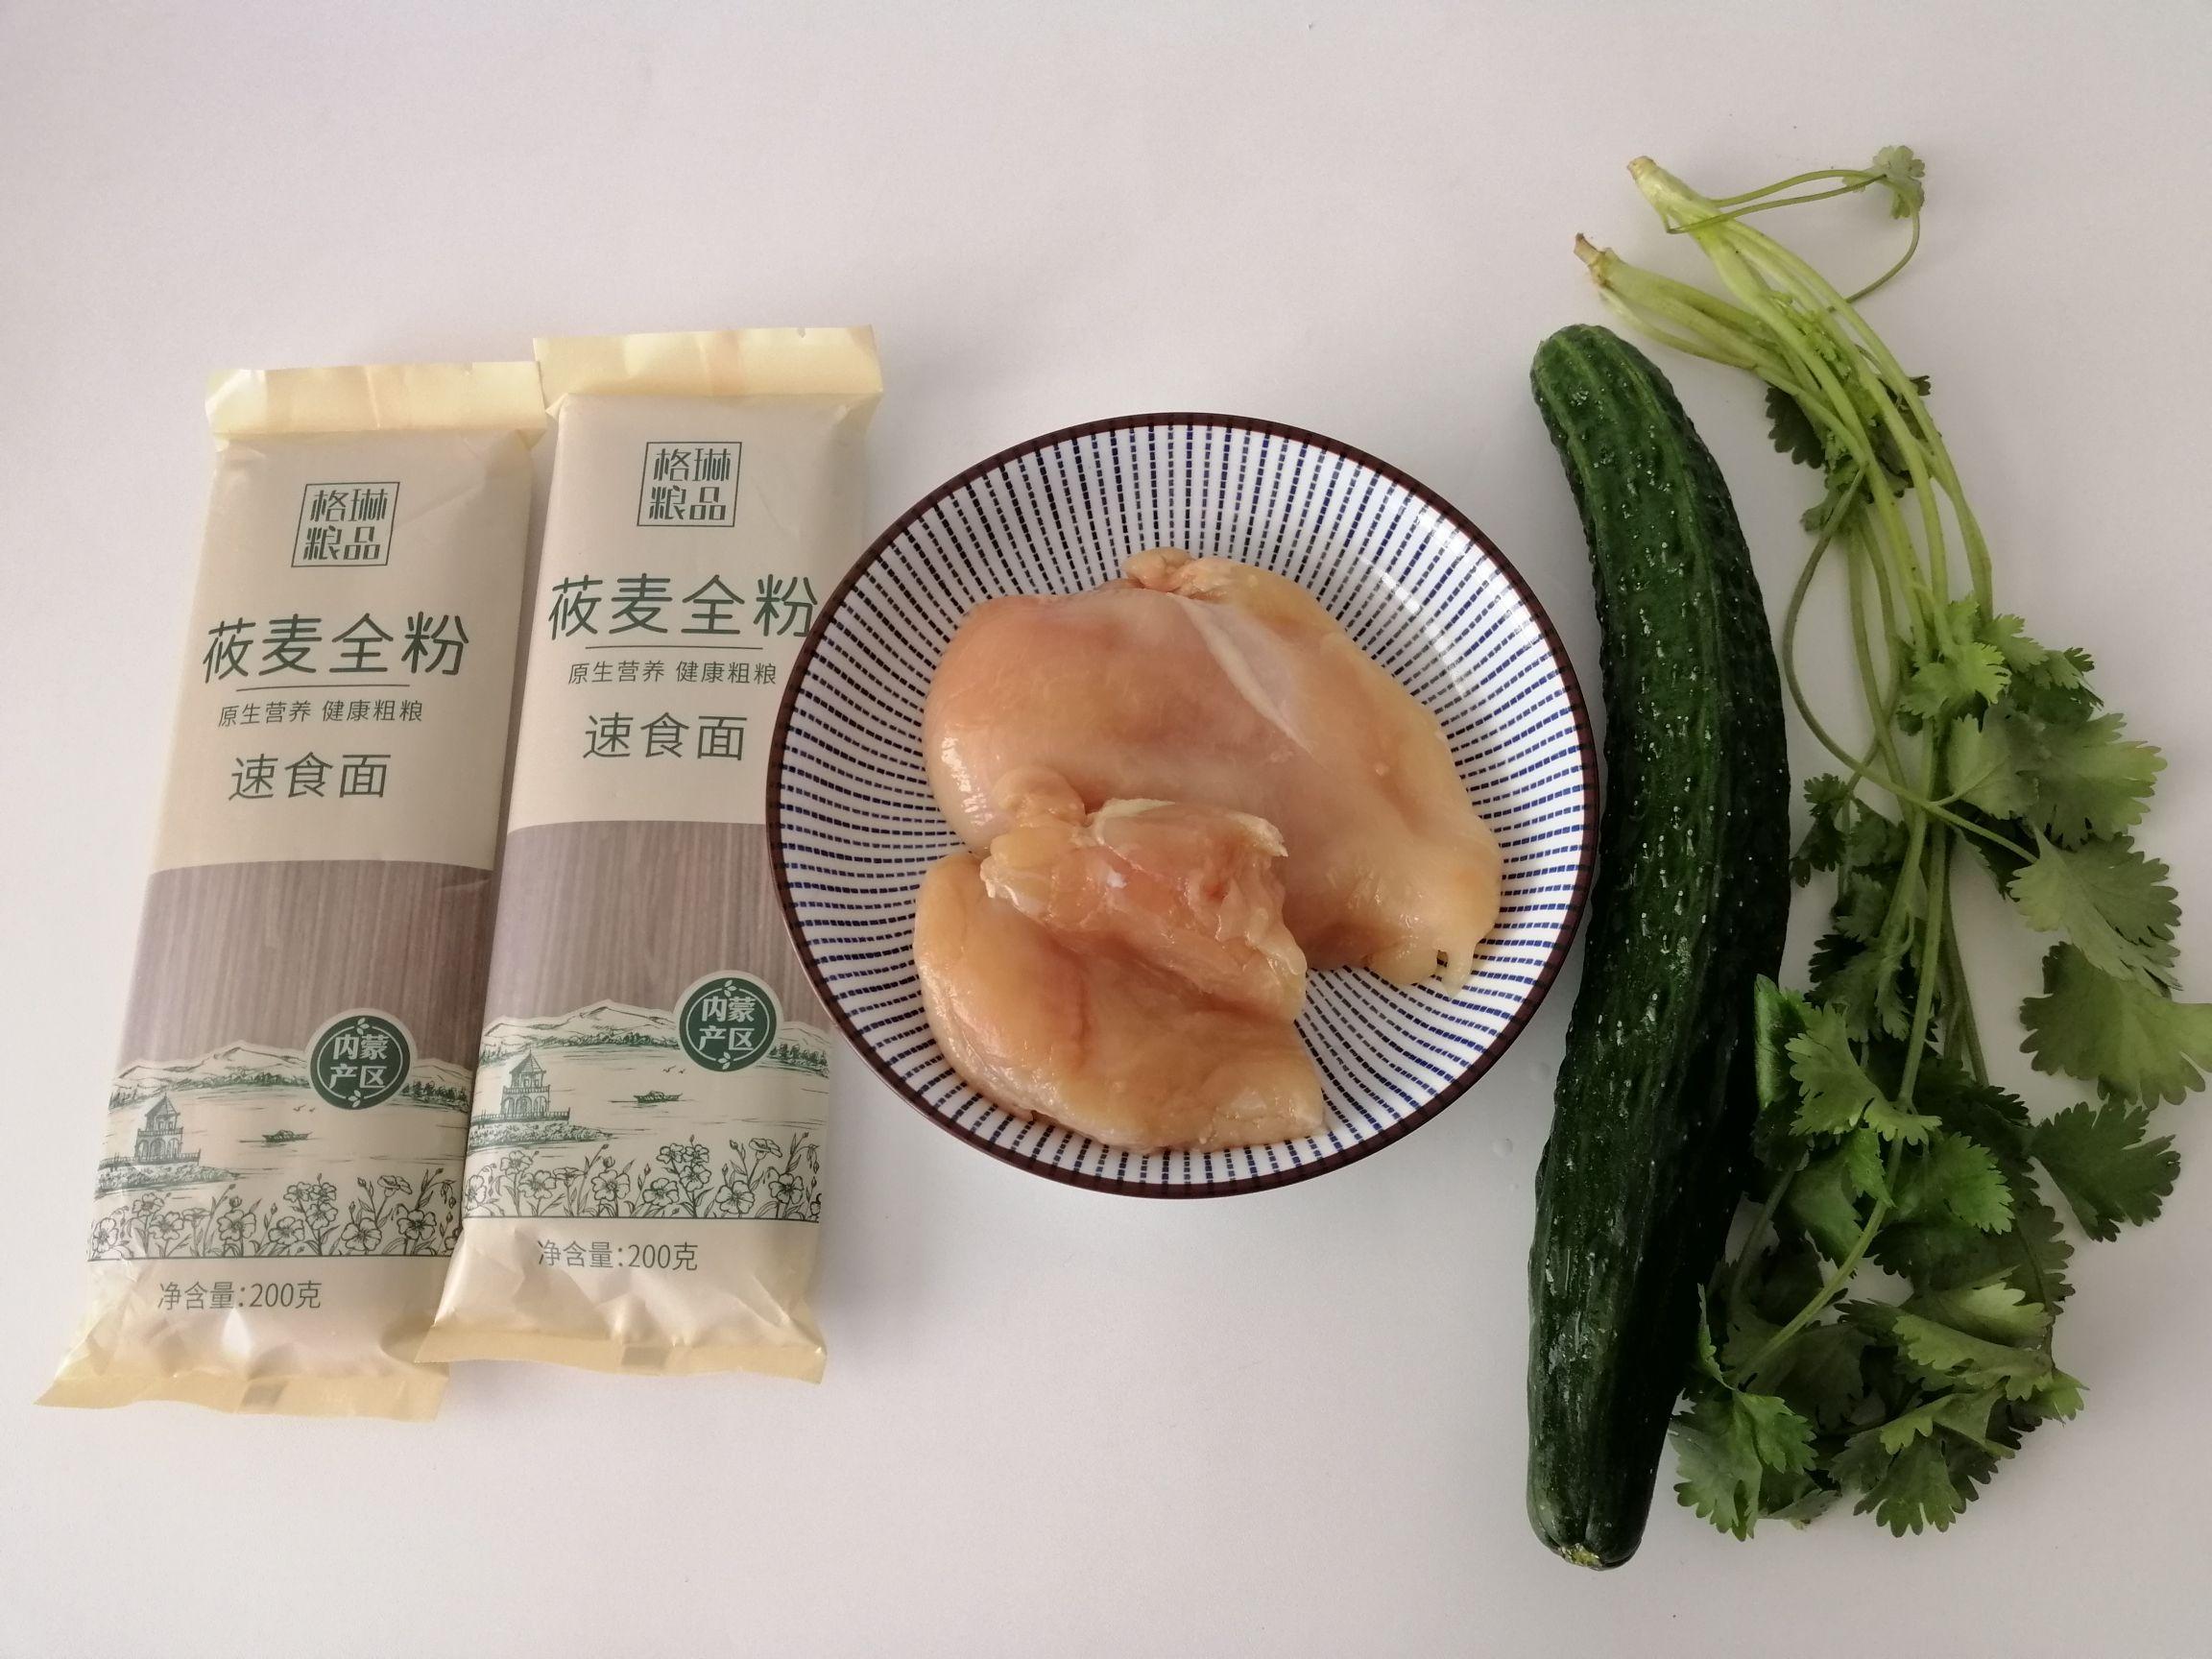 低脂低卡健康主食,手撕鸡拌莜麦面的步骤